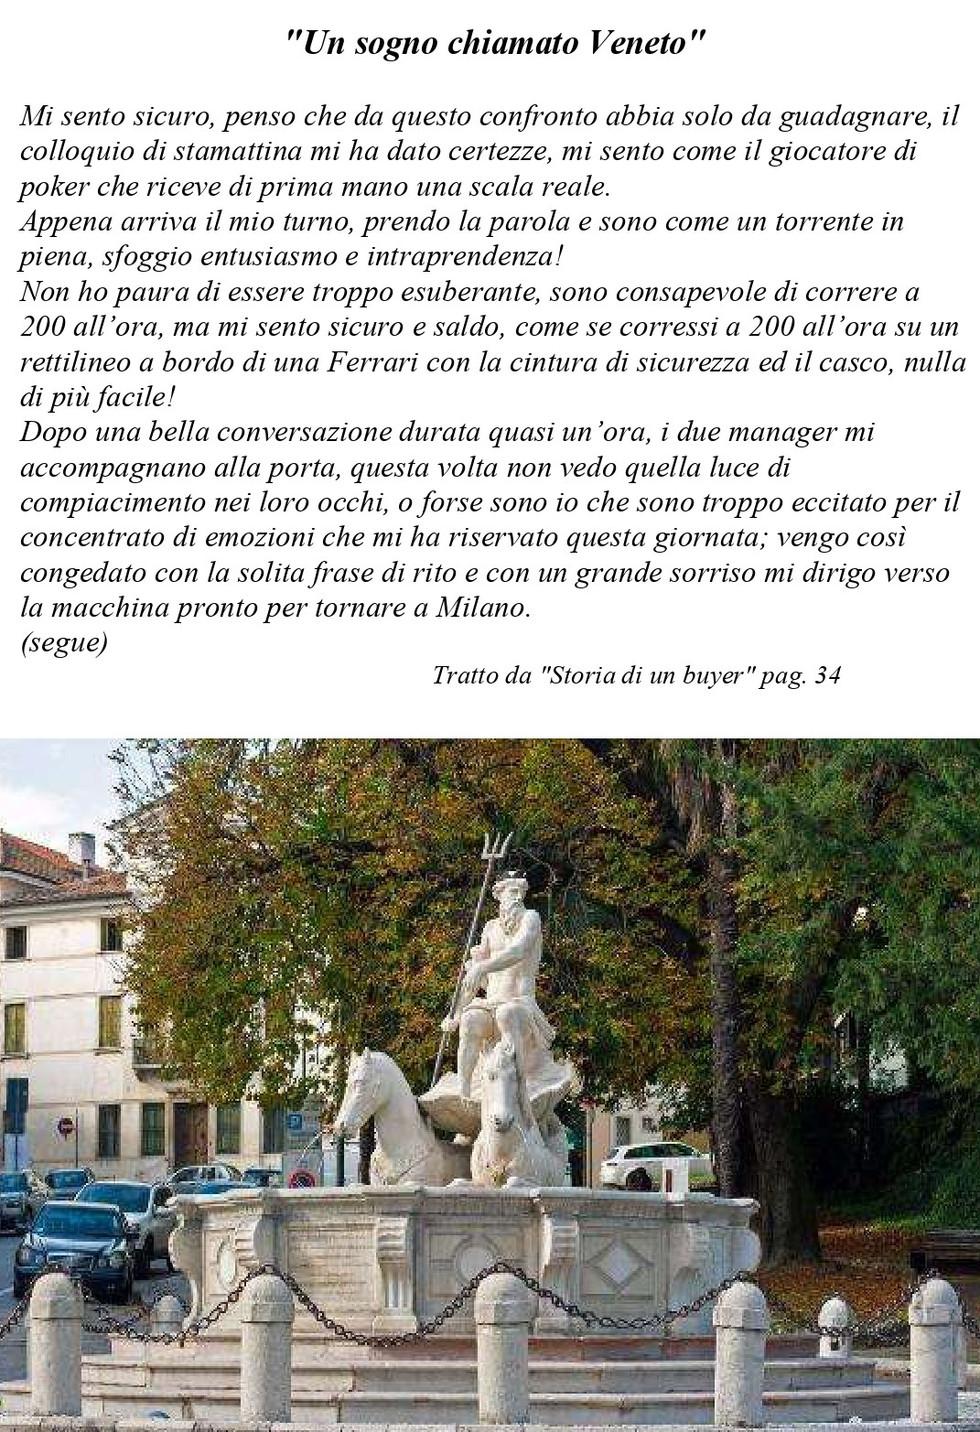 3 Un sogno chiamato Veneto.jpg